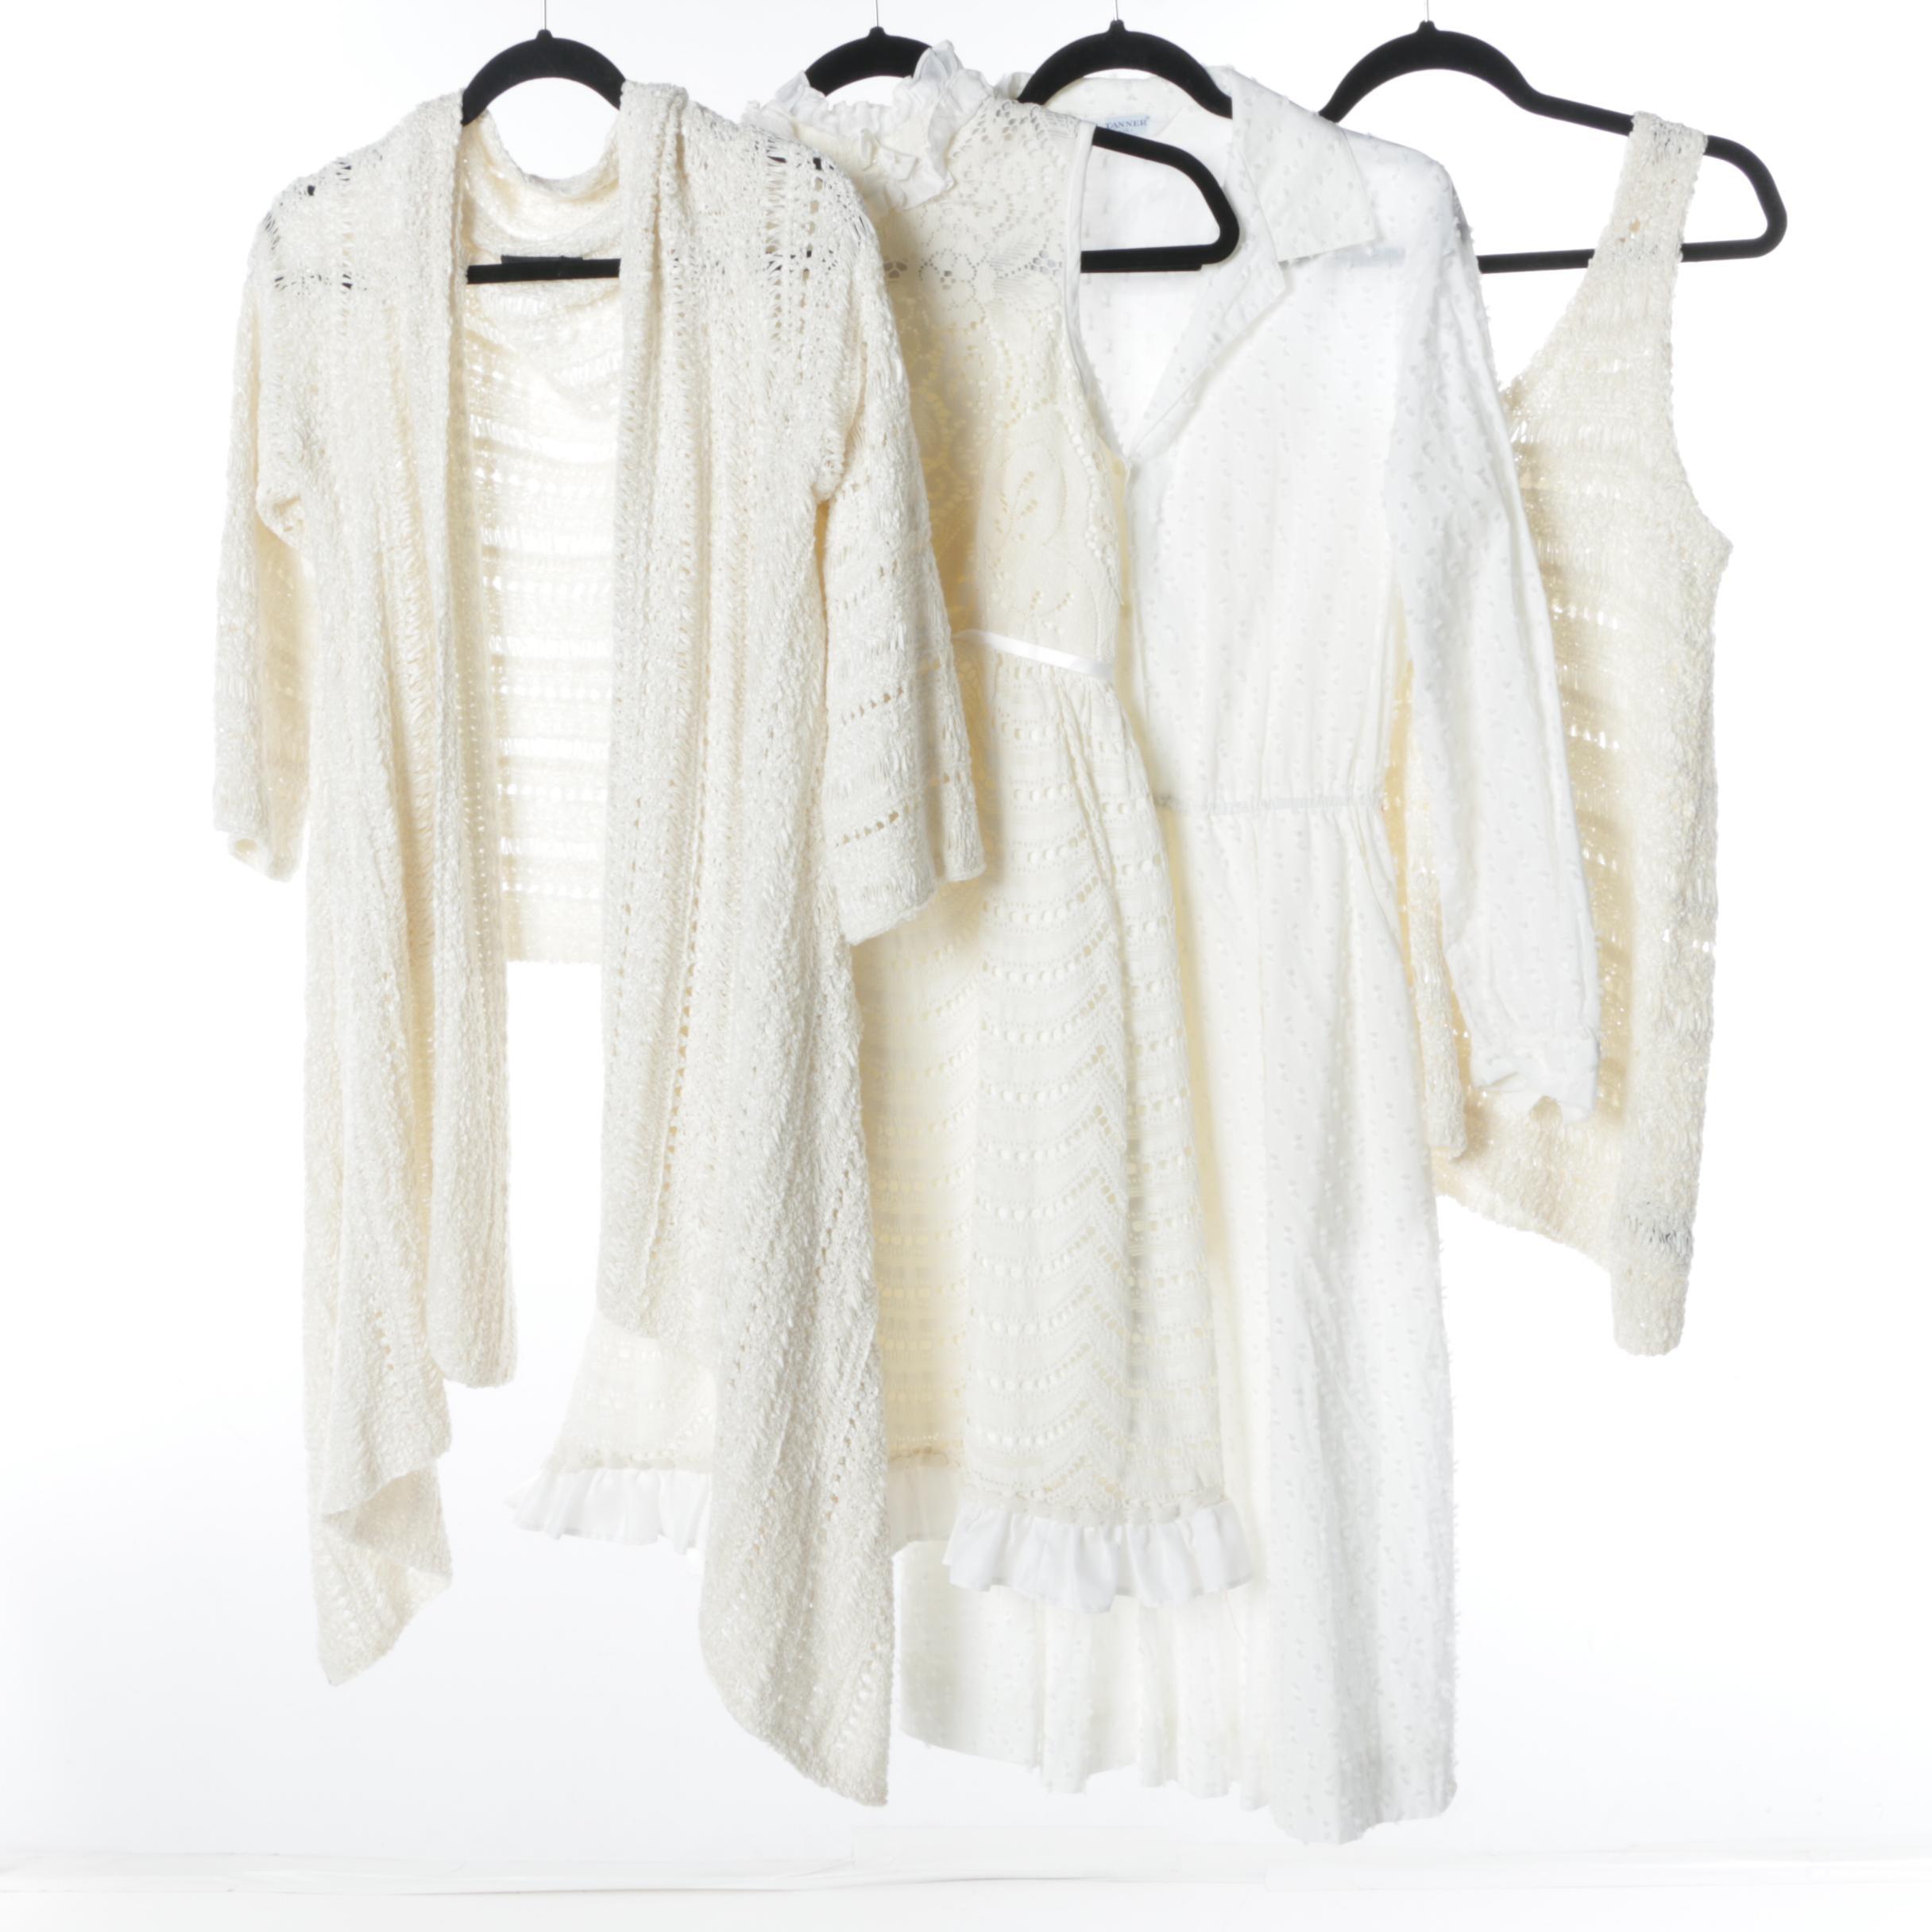 1980s Vintage Donna Karan Pure Silk Ribbonwork Knit Top and Shawl